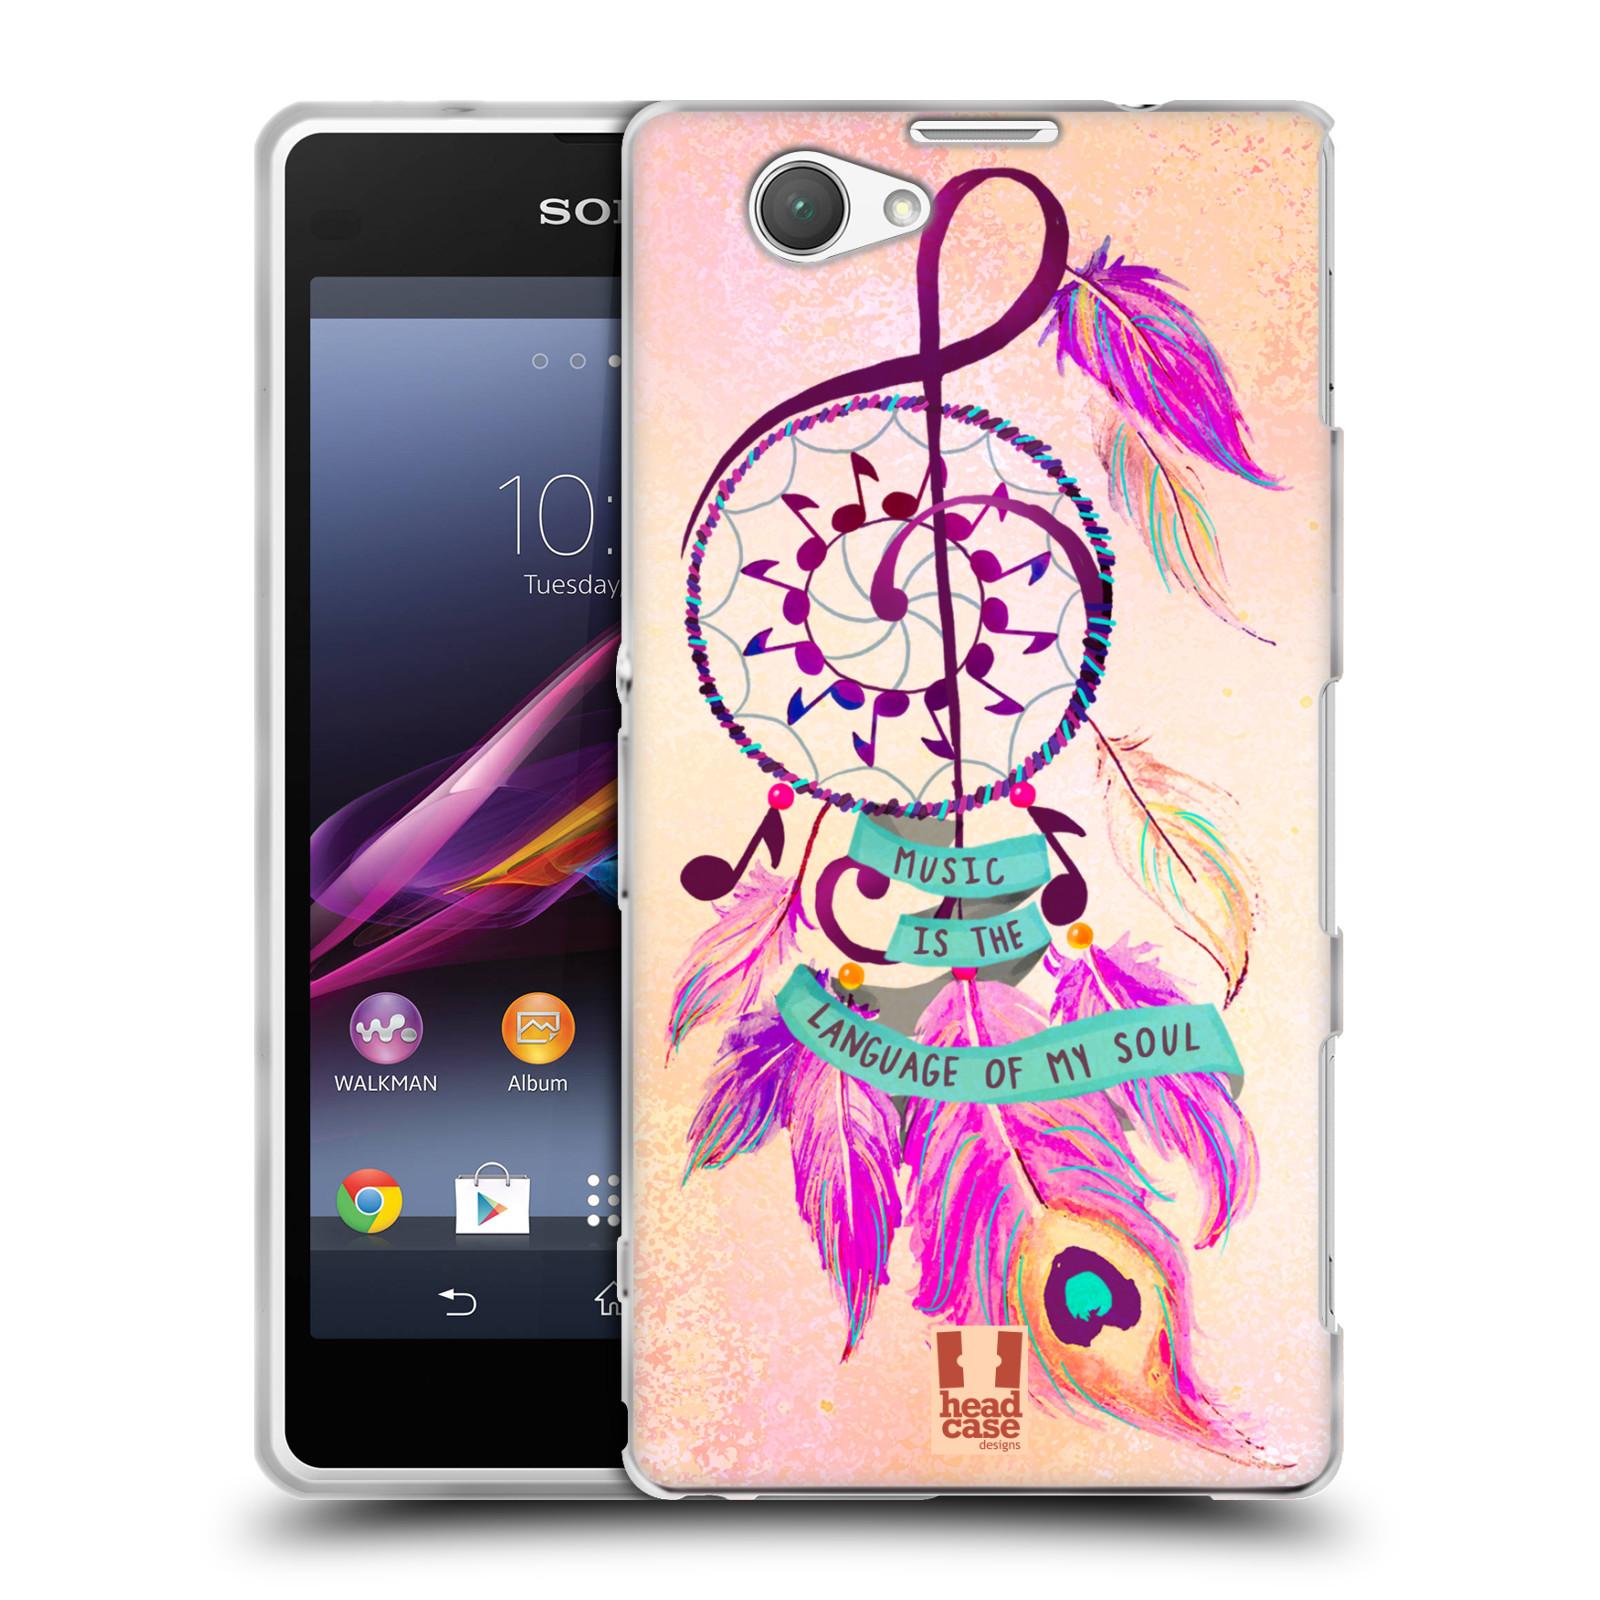 Silikonové pouzdro na mobil Sony Xperia Z1 Compact D5503 HEAD CASE Lapač Assorted Music (Silikonový kryt či obal na mobilní telefon Sony Xperia Z1 Compact)